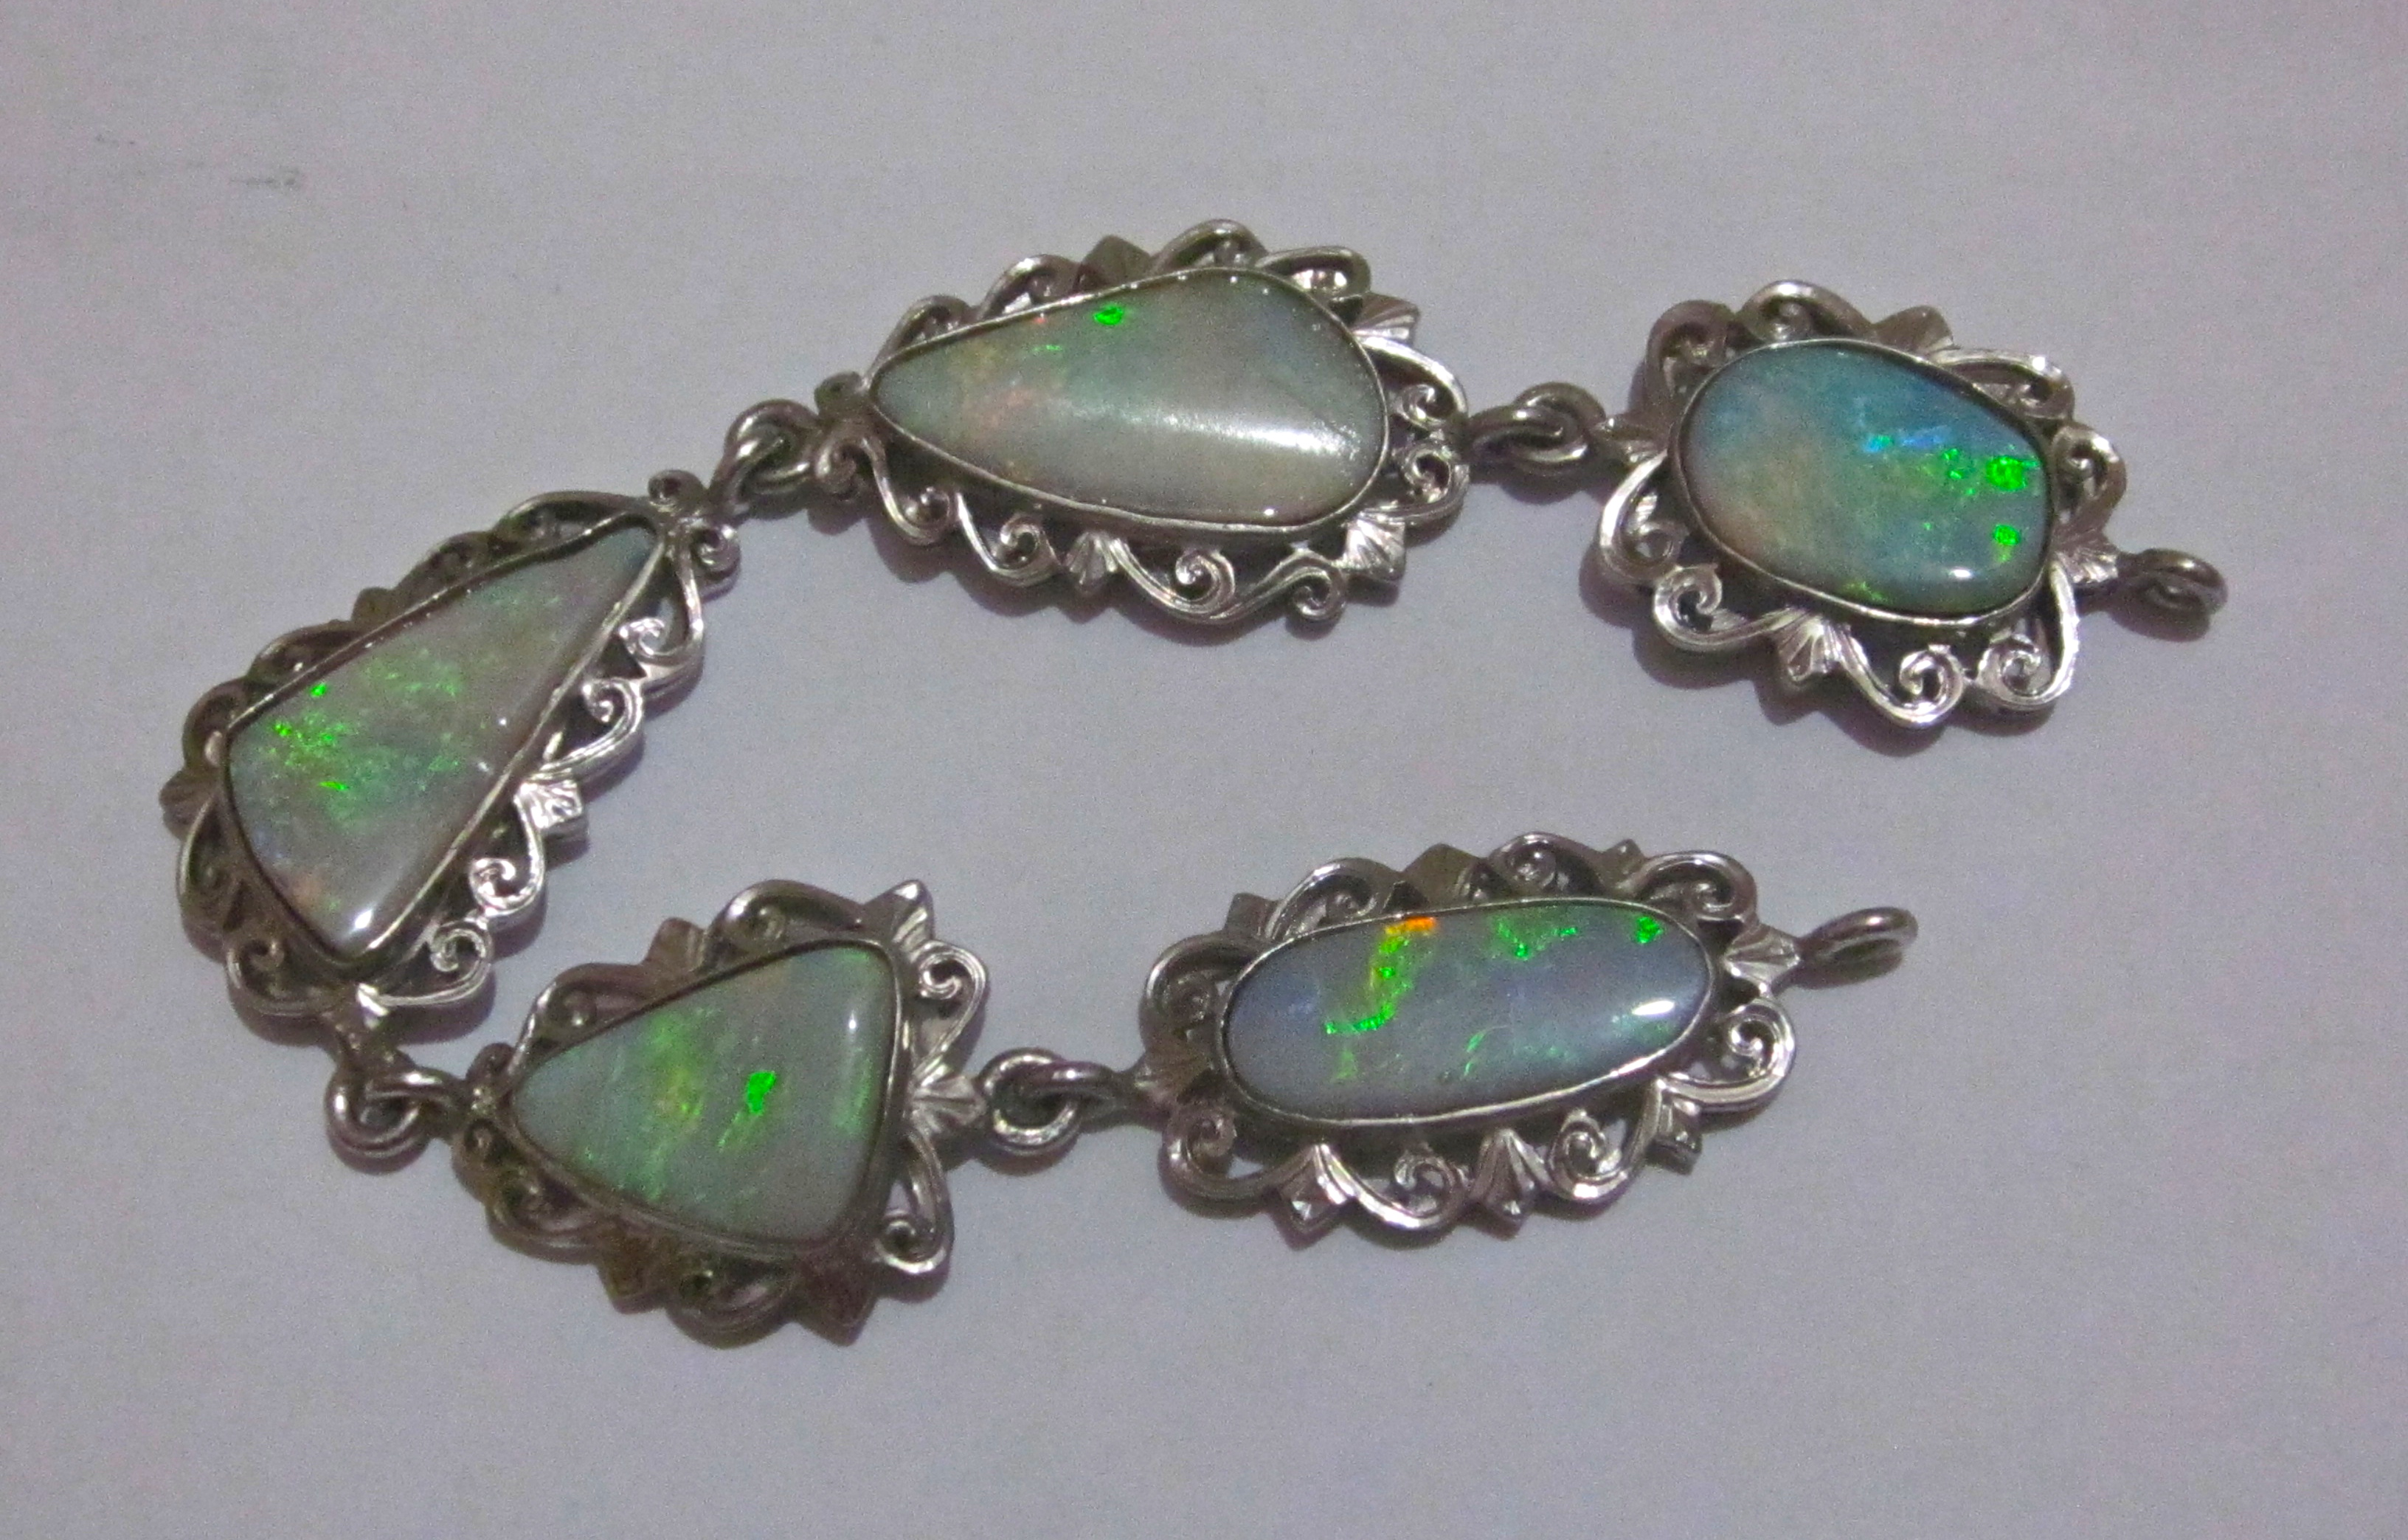 opal necklace,opal jewelry wholesale,fine jewelry opals,opal jewelry,opals silver necklace